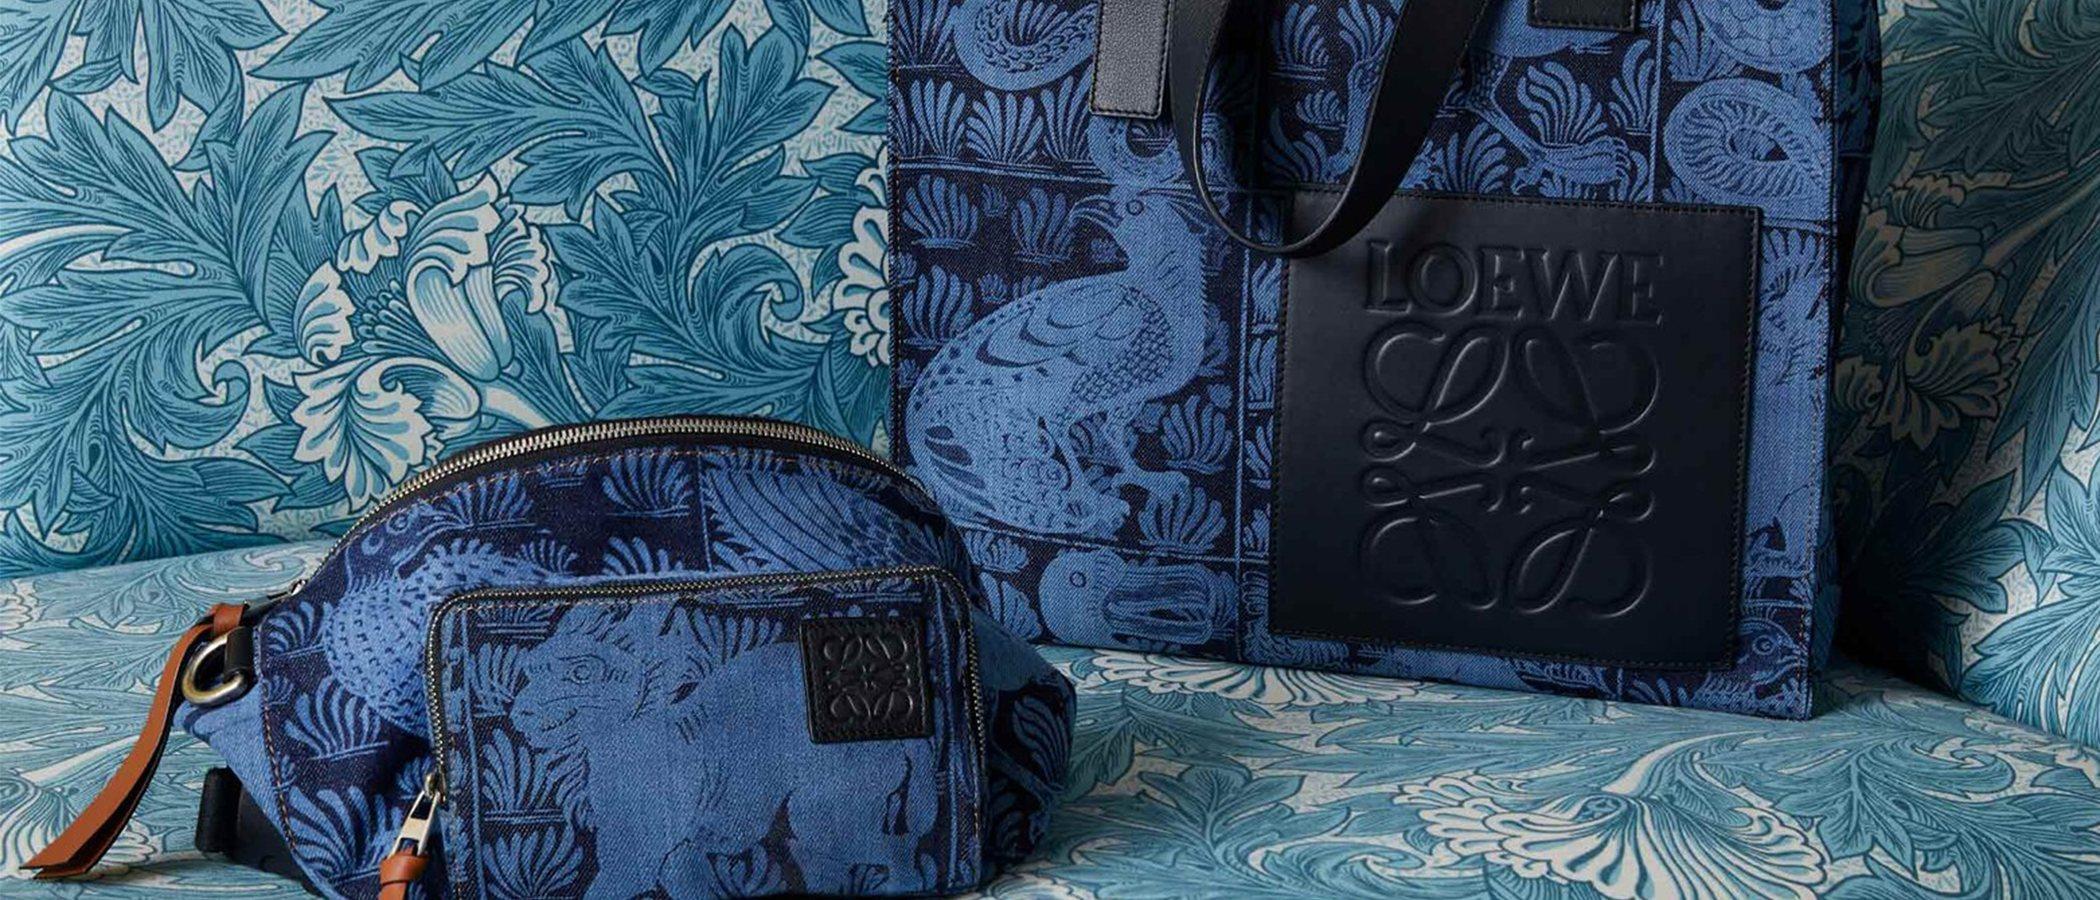 Loewe reinterpreta el imaginario y la cerámica de William de Morgan en su nueva colección cápsula